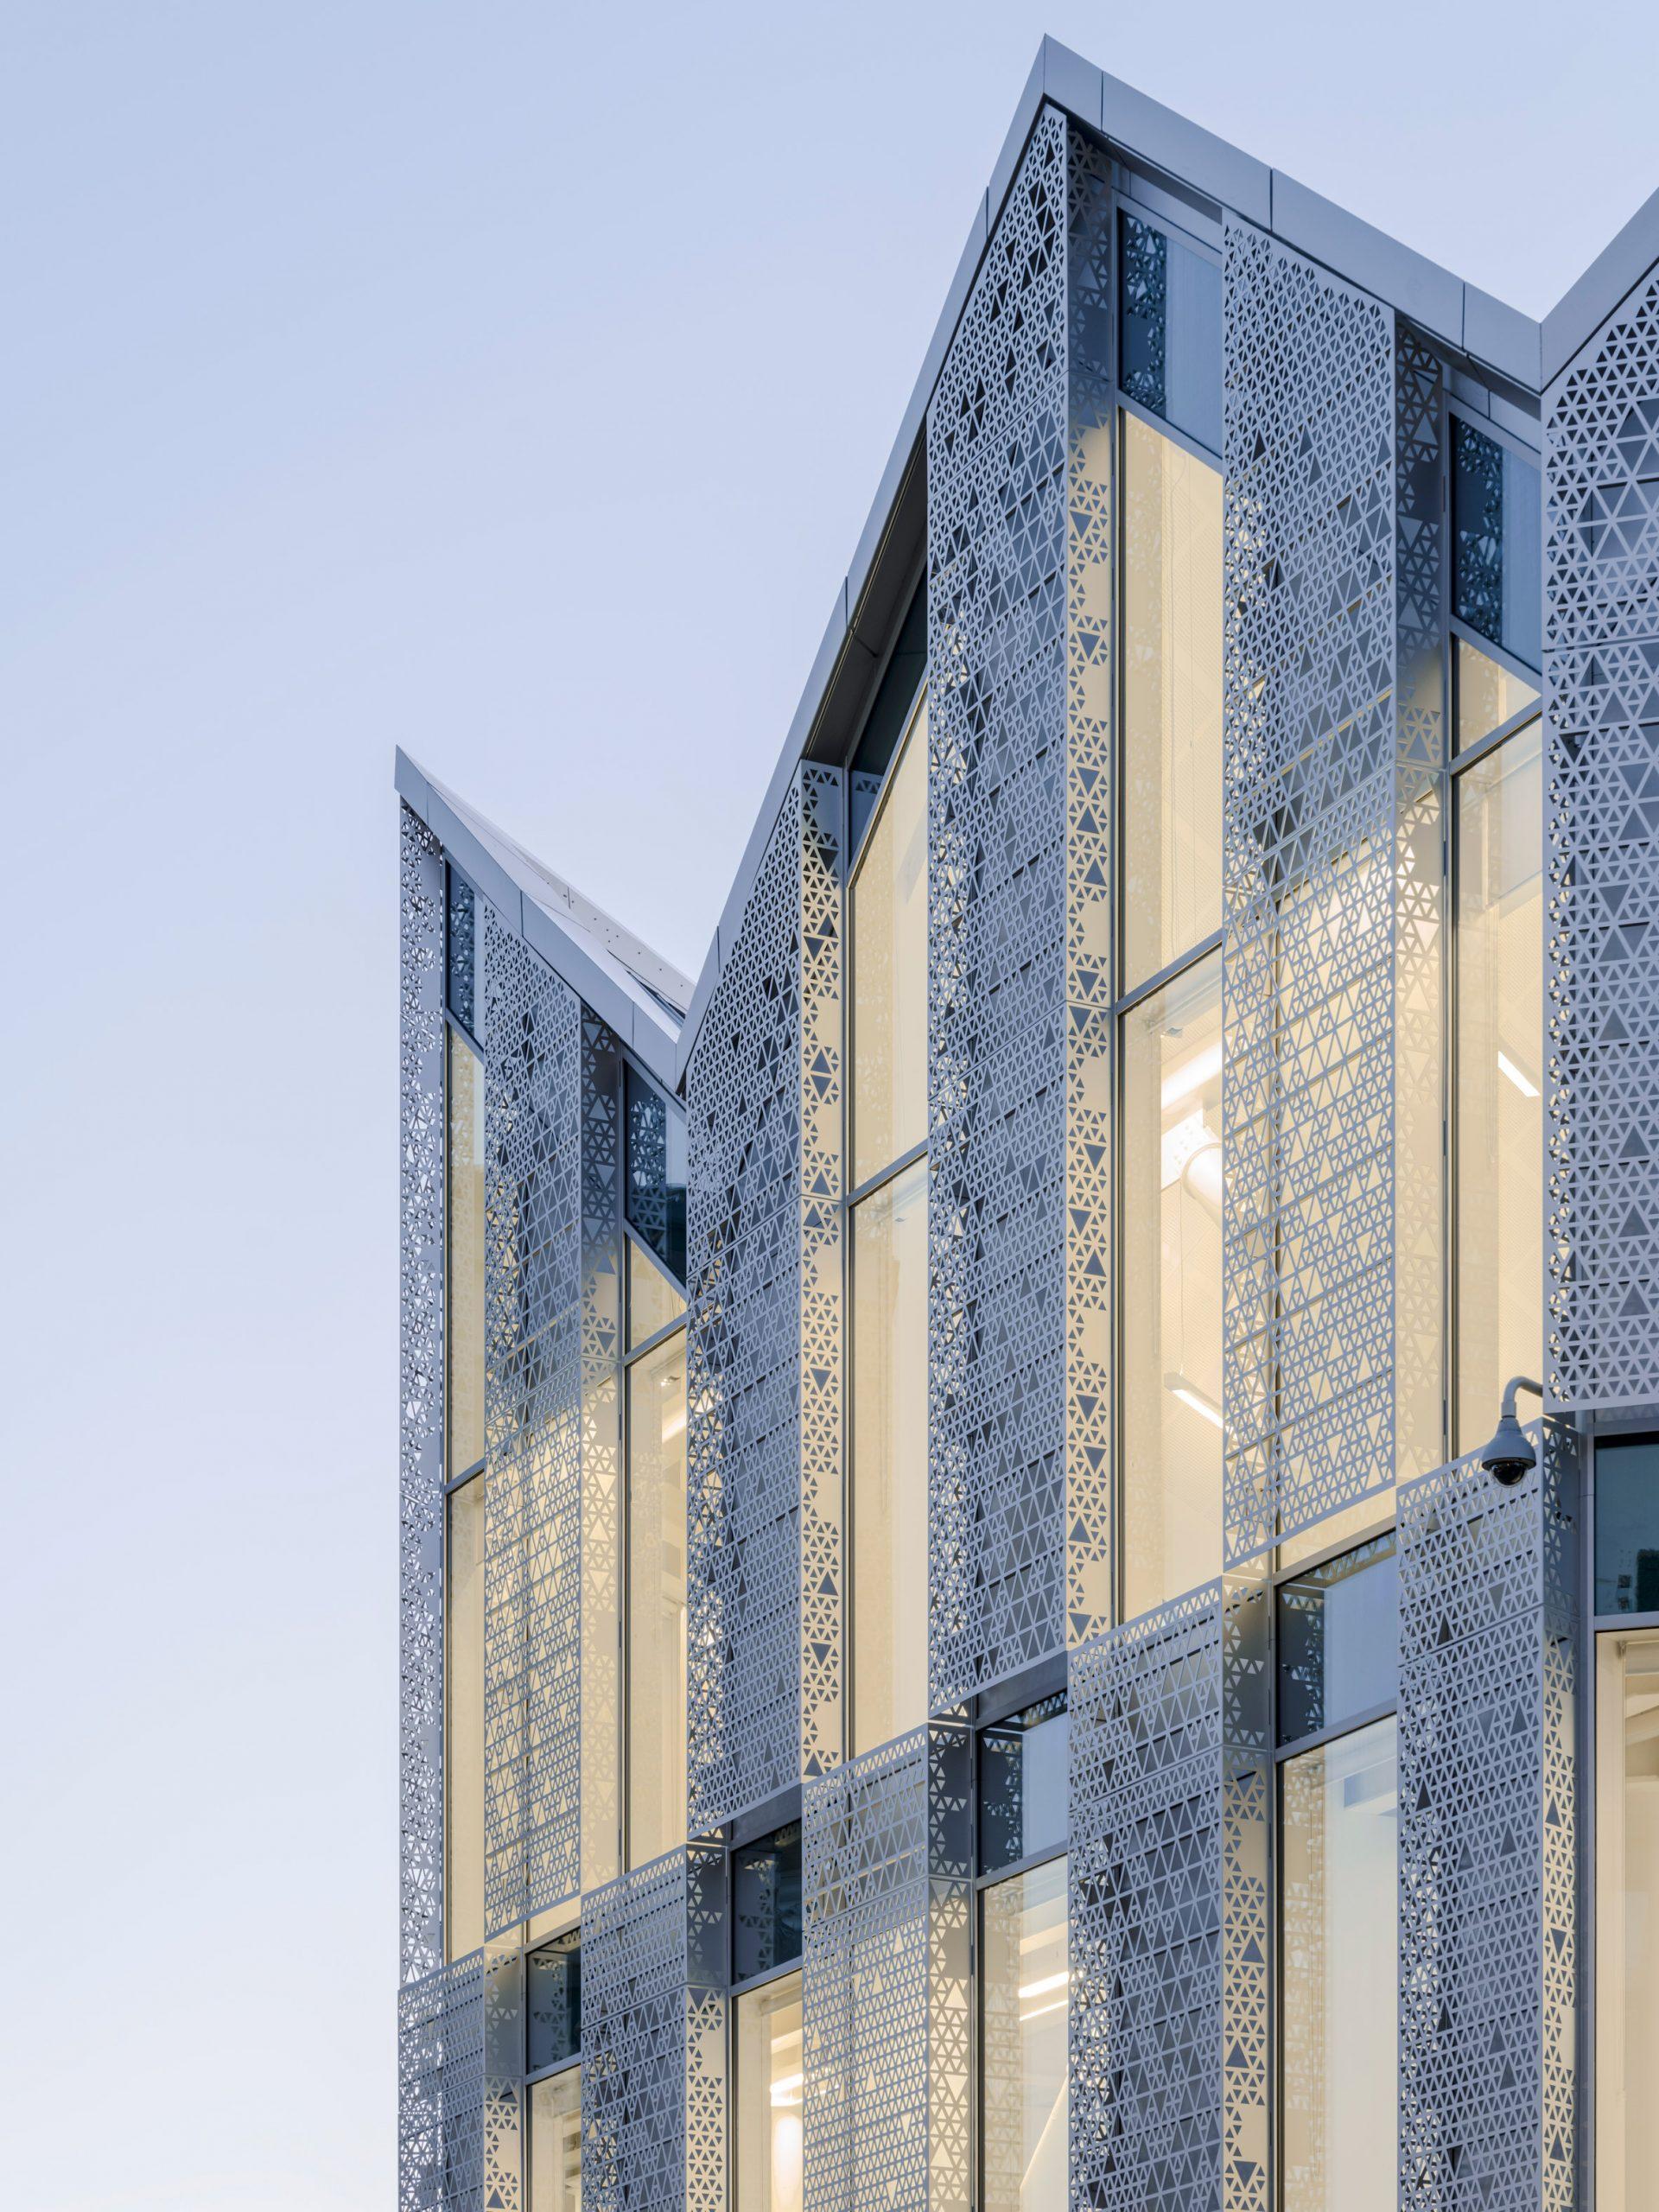 Perforated anodised aluminium panels,